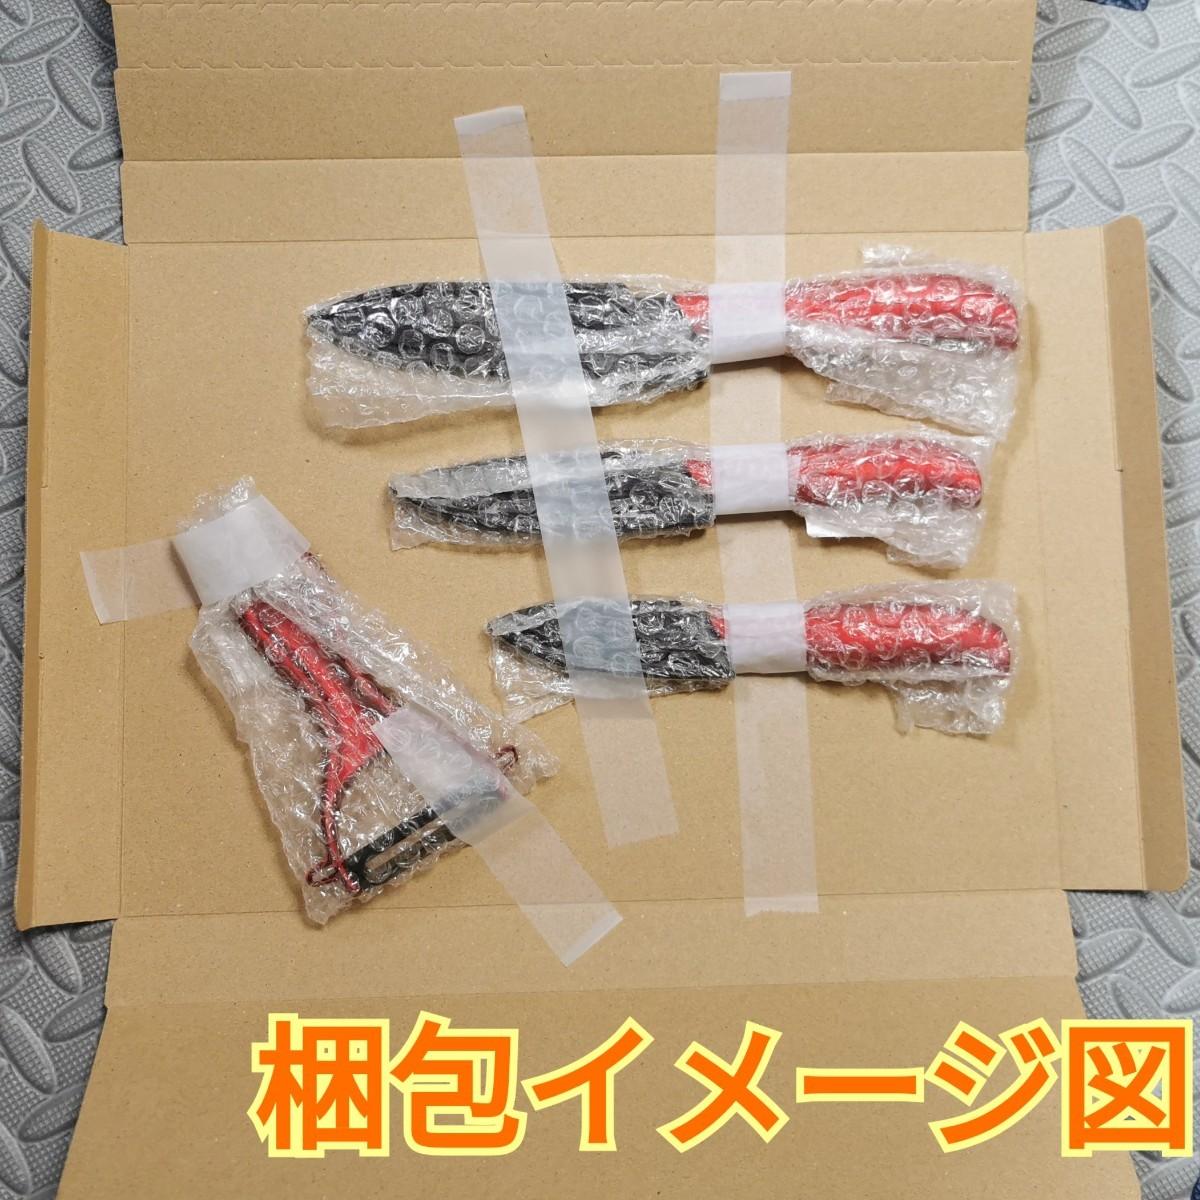 セラミック 包丁  3本セット + ピーラー付き ナイフ 黒 赤 ジルコニア